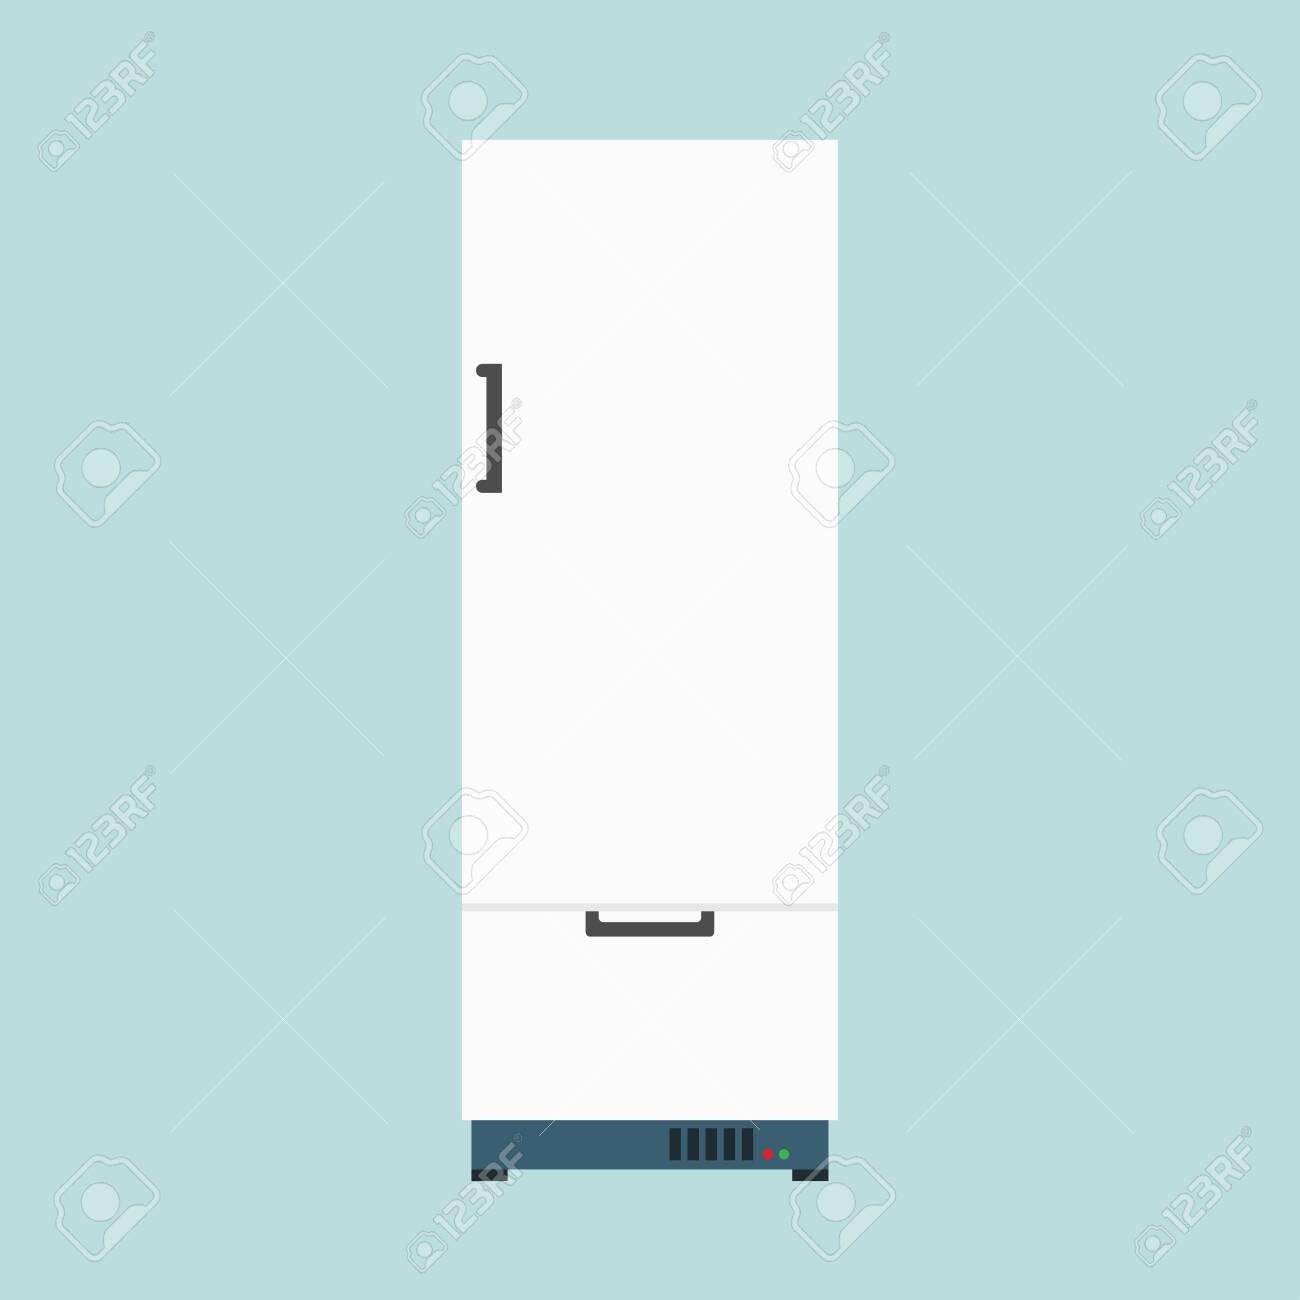 Money, finance, fridge, refrigerator, freeze, safe, gold icon